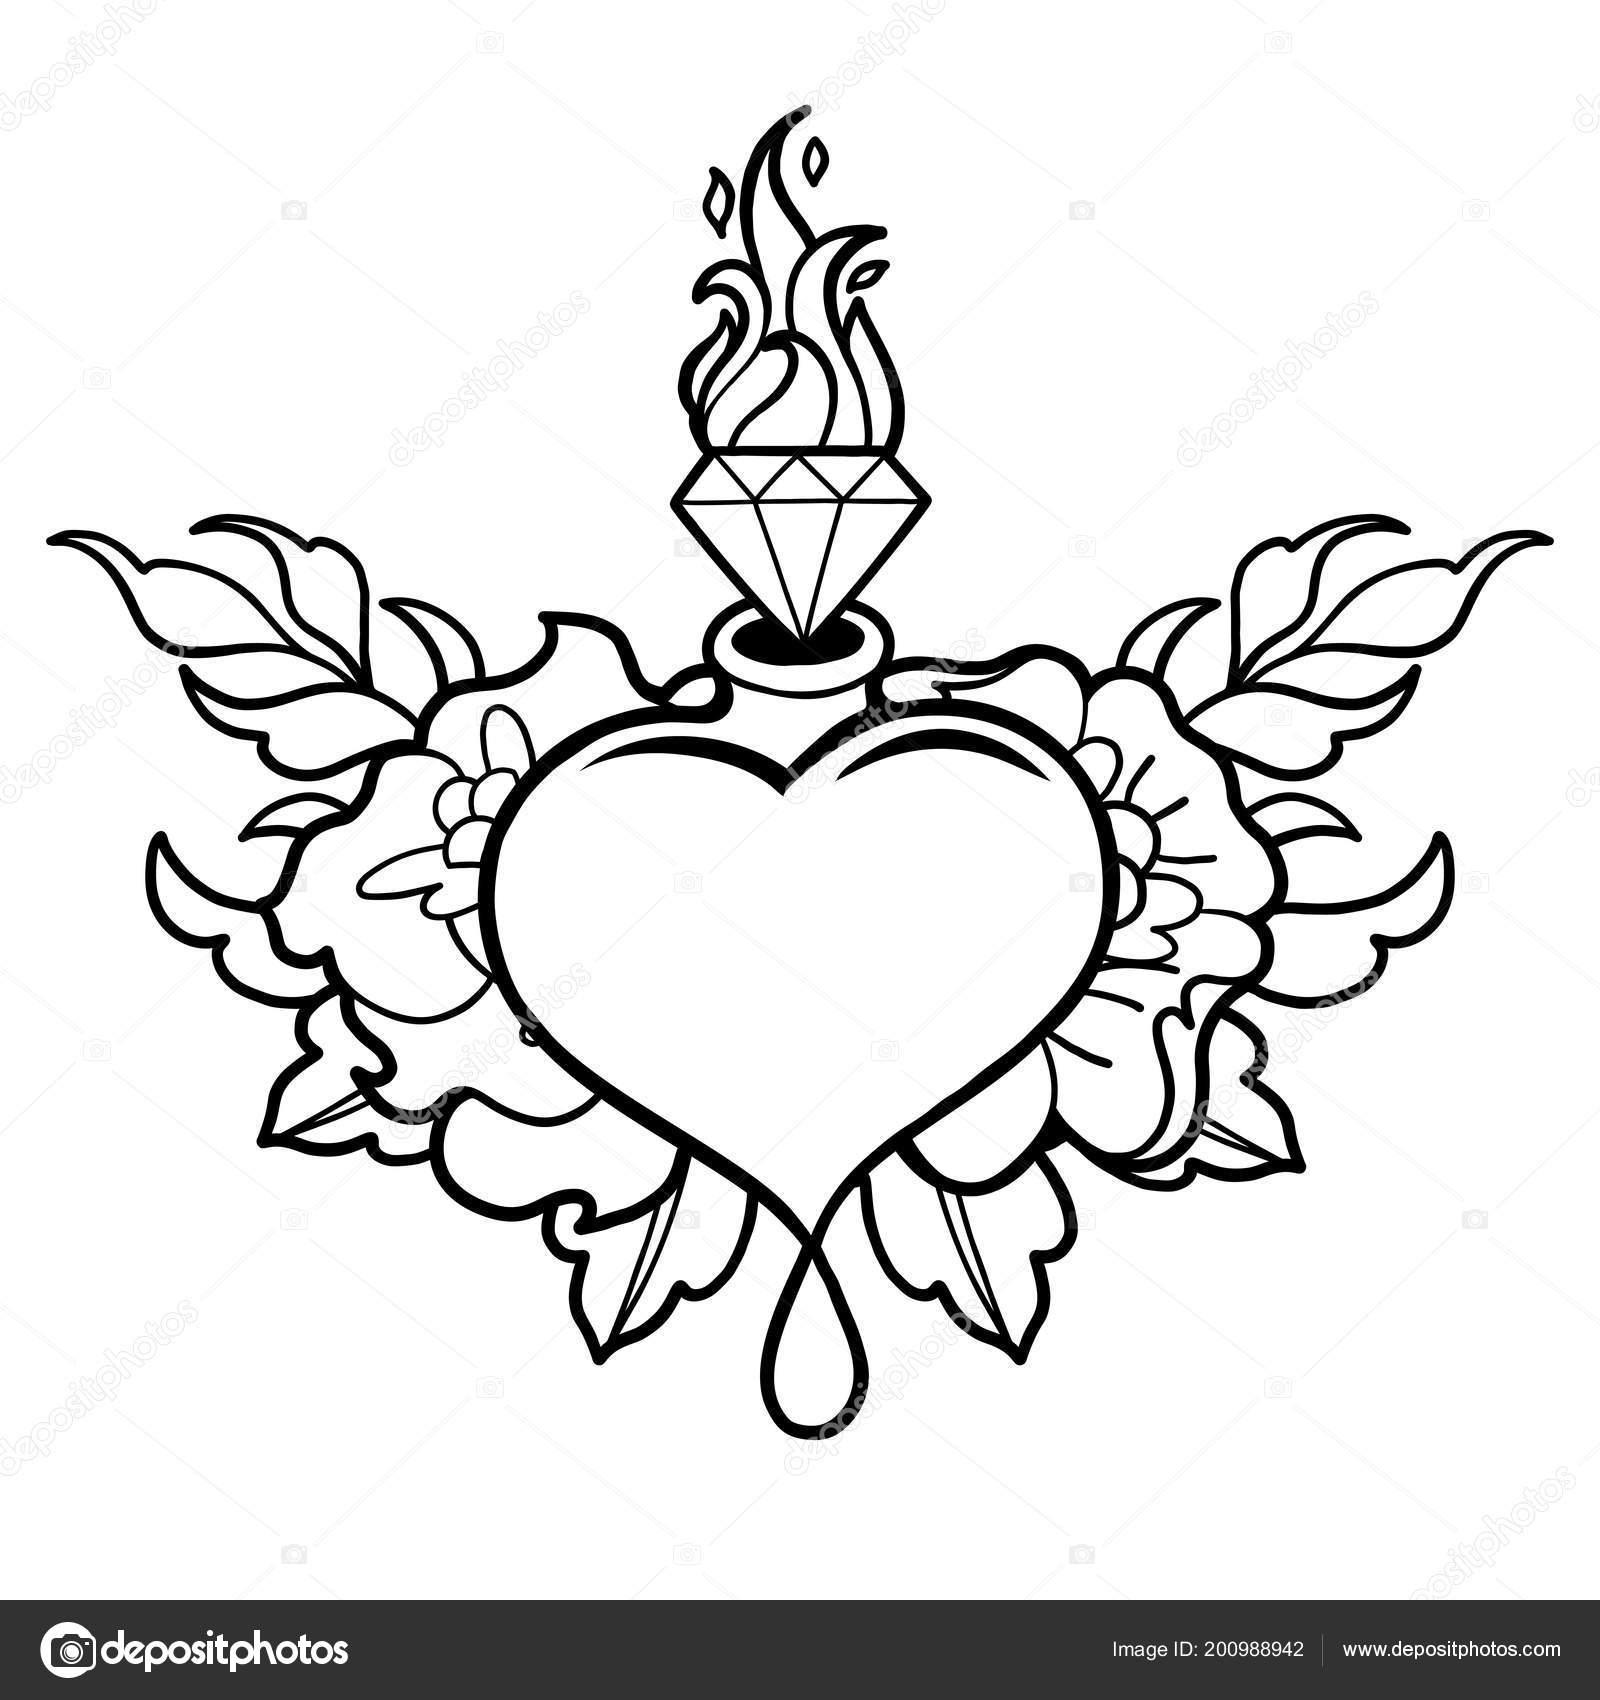 Grafik Kalp Jemstone Ve çiçekler Ile Stok Vektör Homunkulus28